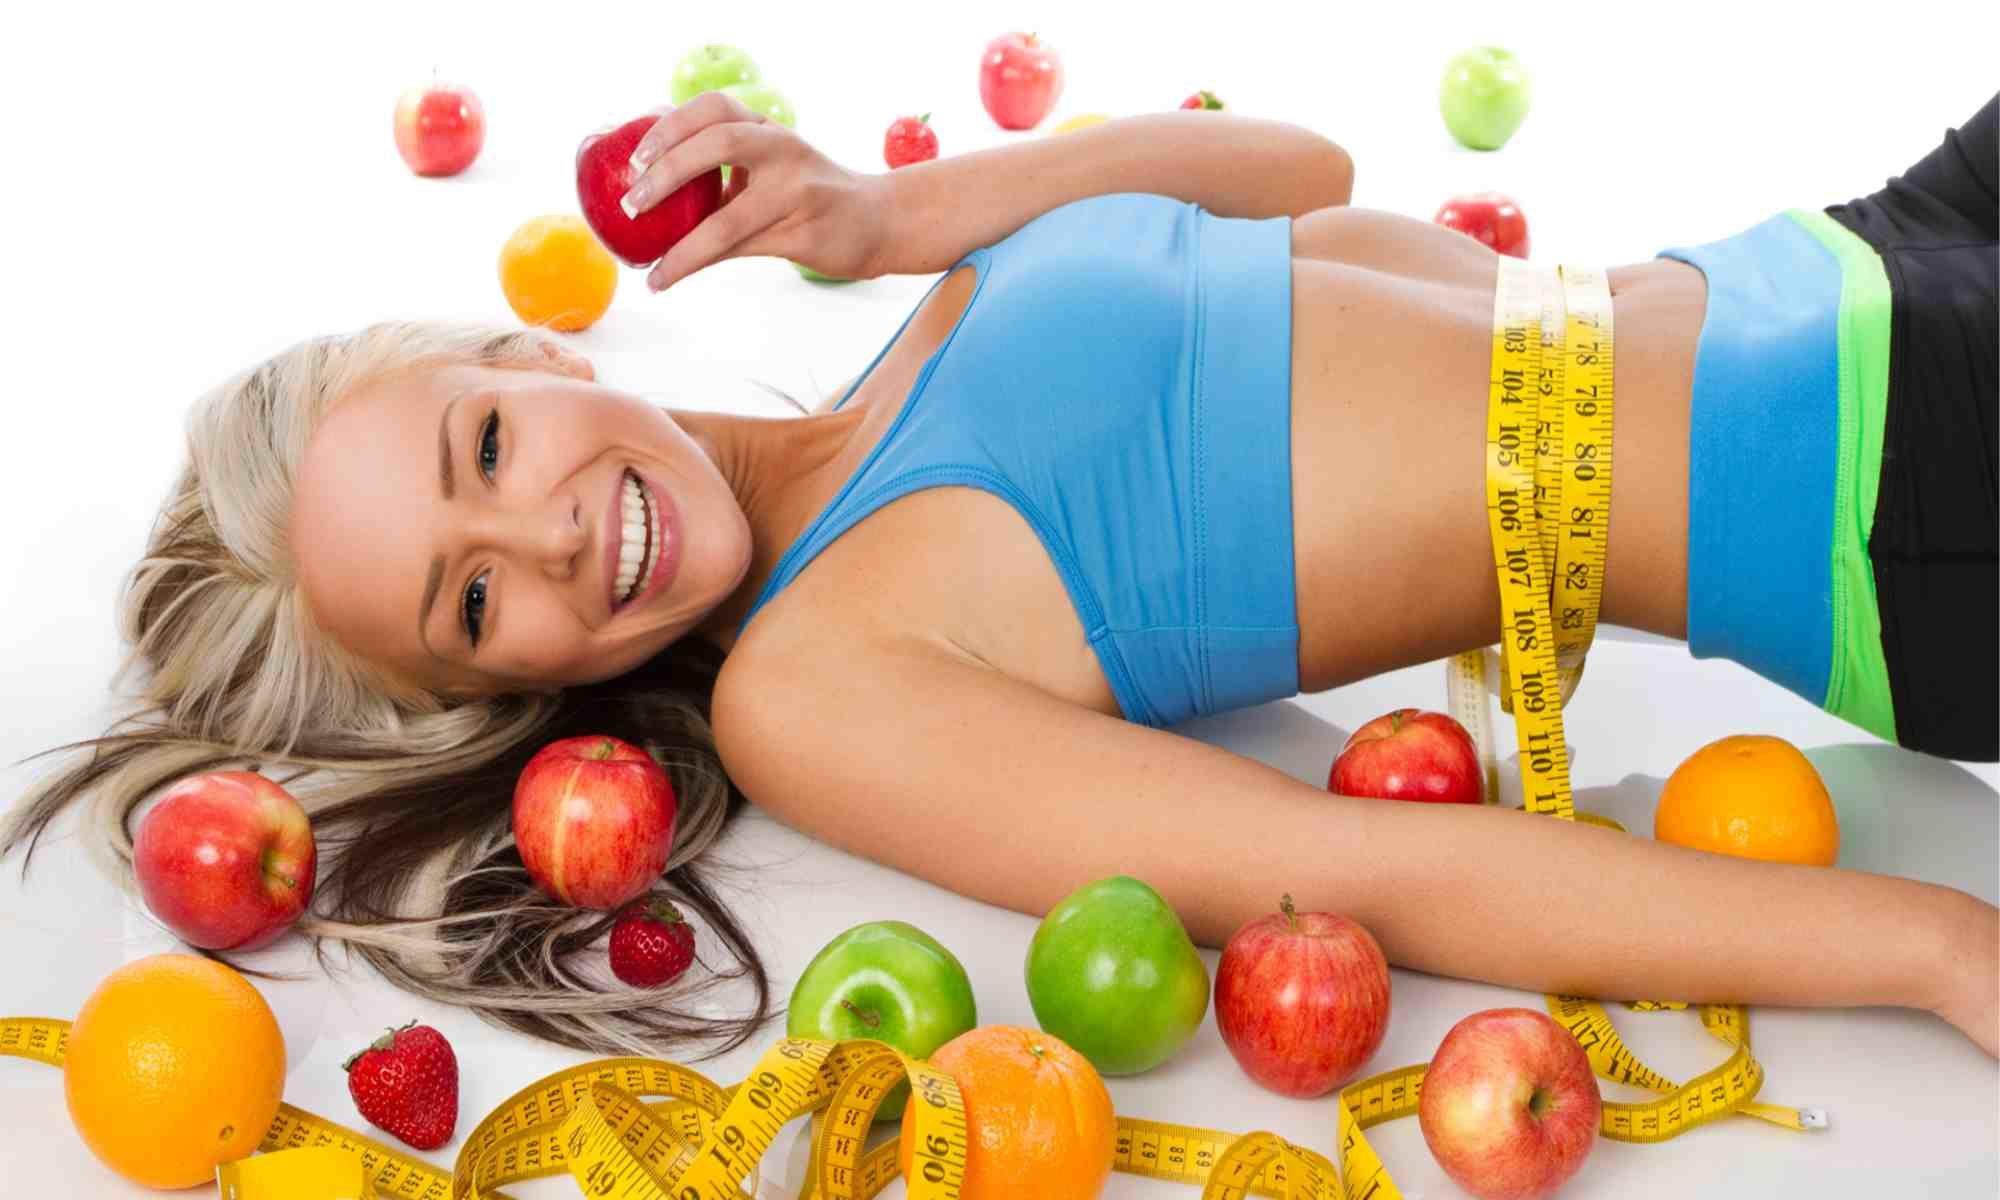 Папка «Фото», 7 помощников для похудения – готовимся к следующему лету – худеть с удовольствием.